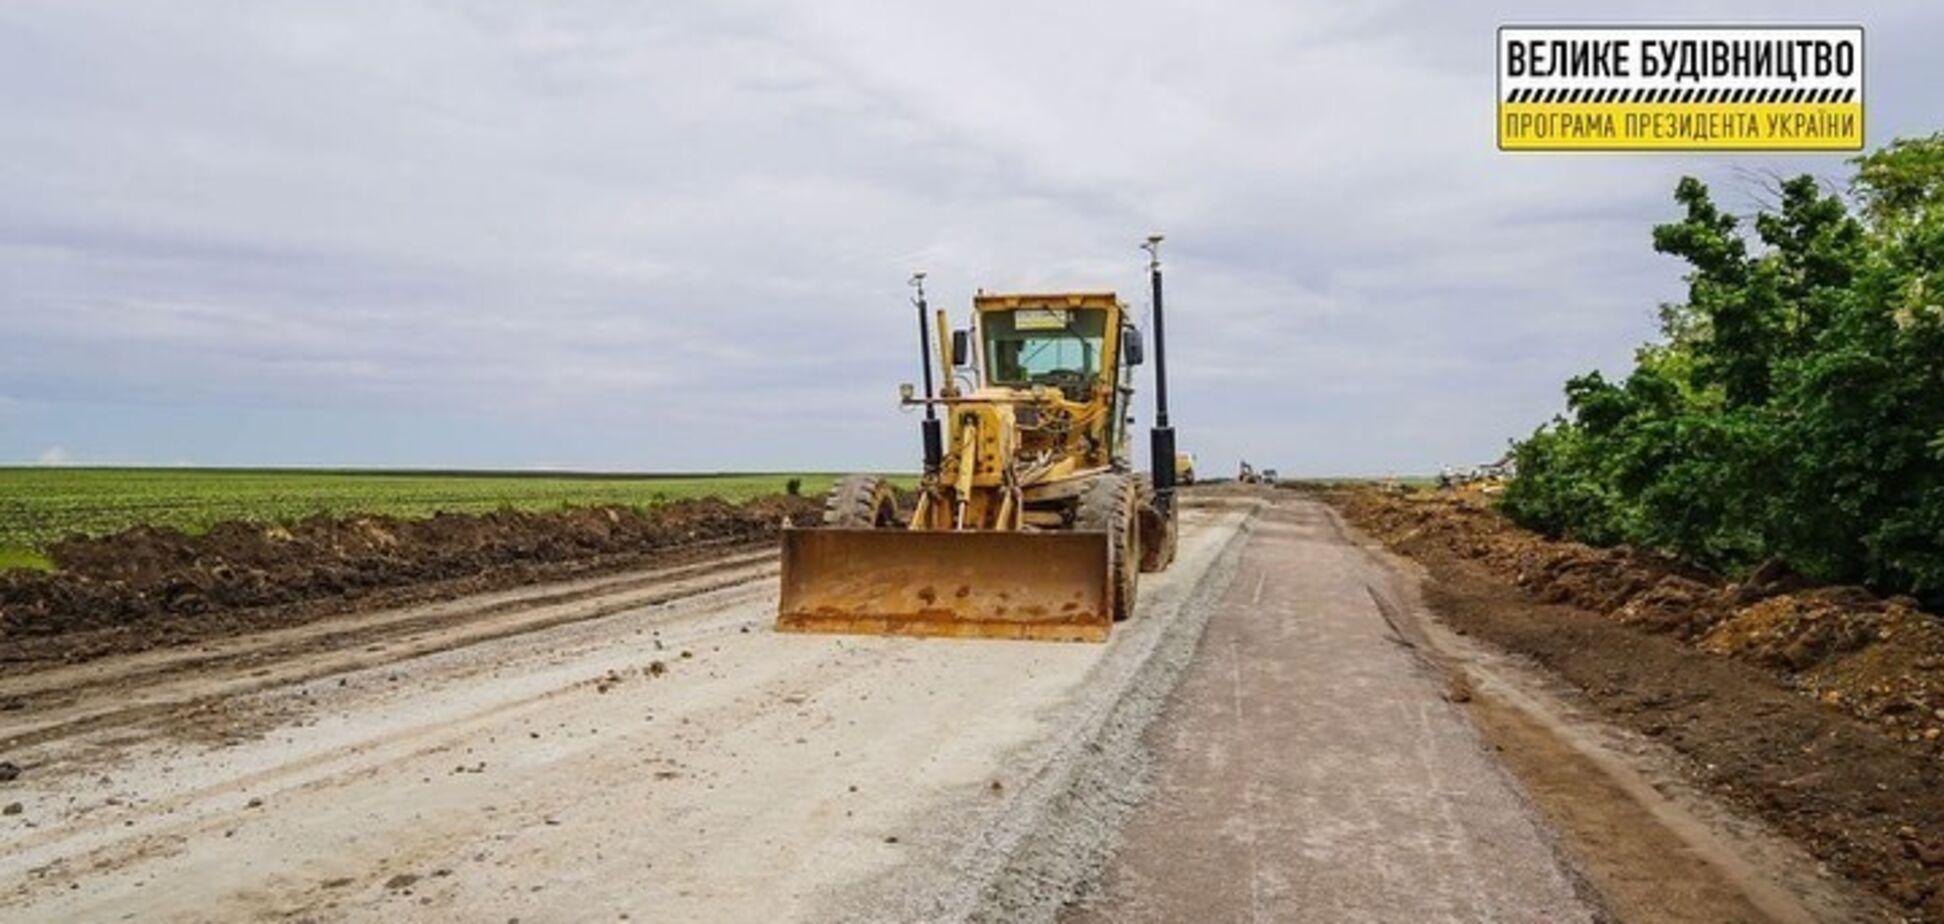 На Миколаївщині триває ремонт автошляху Н-14